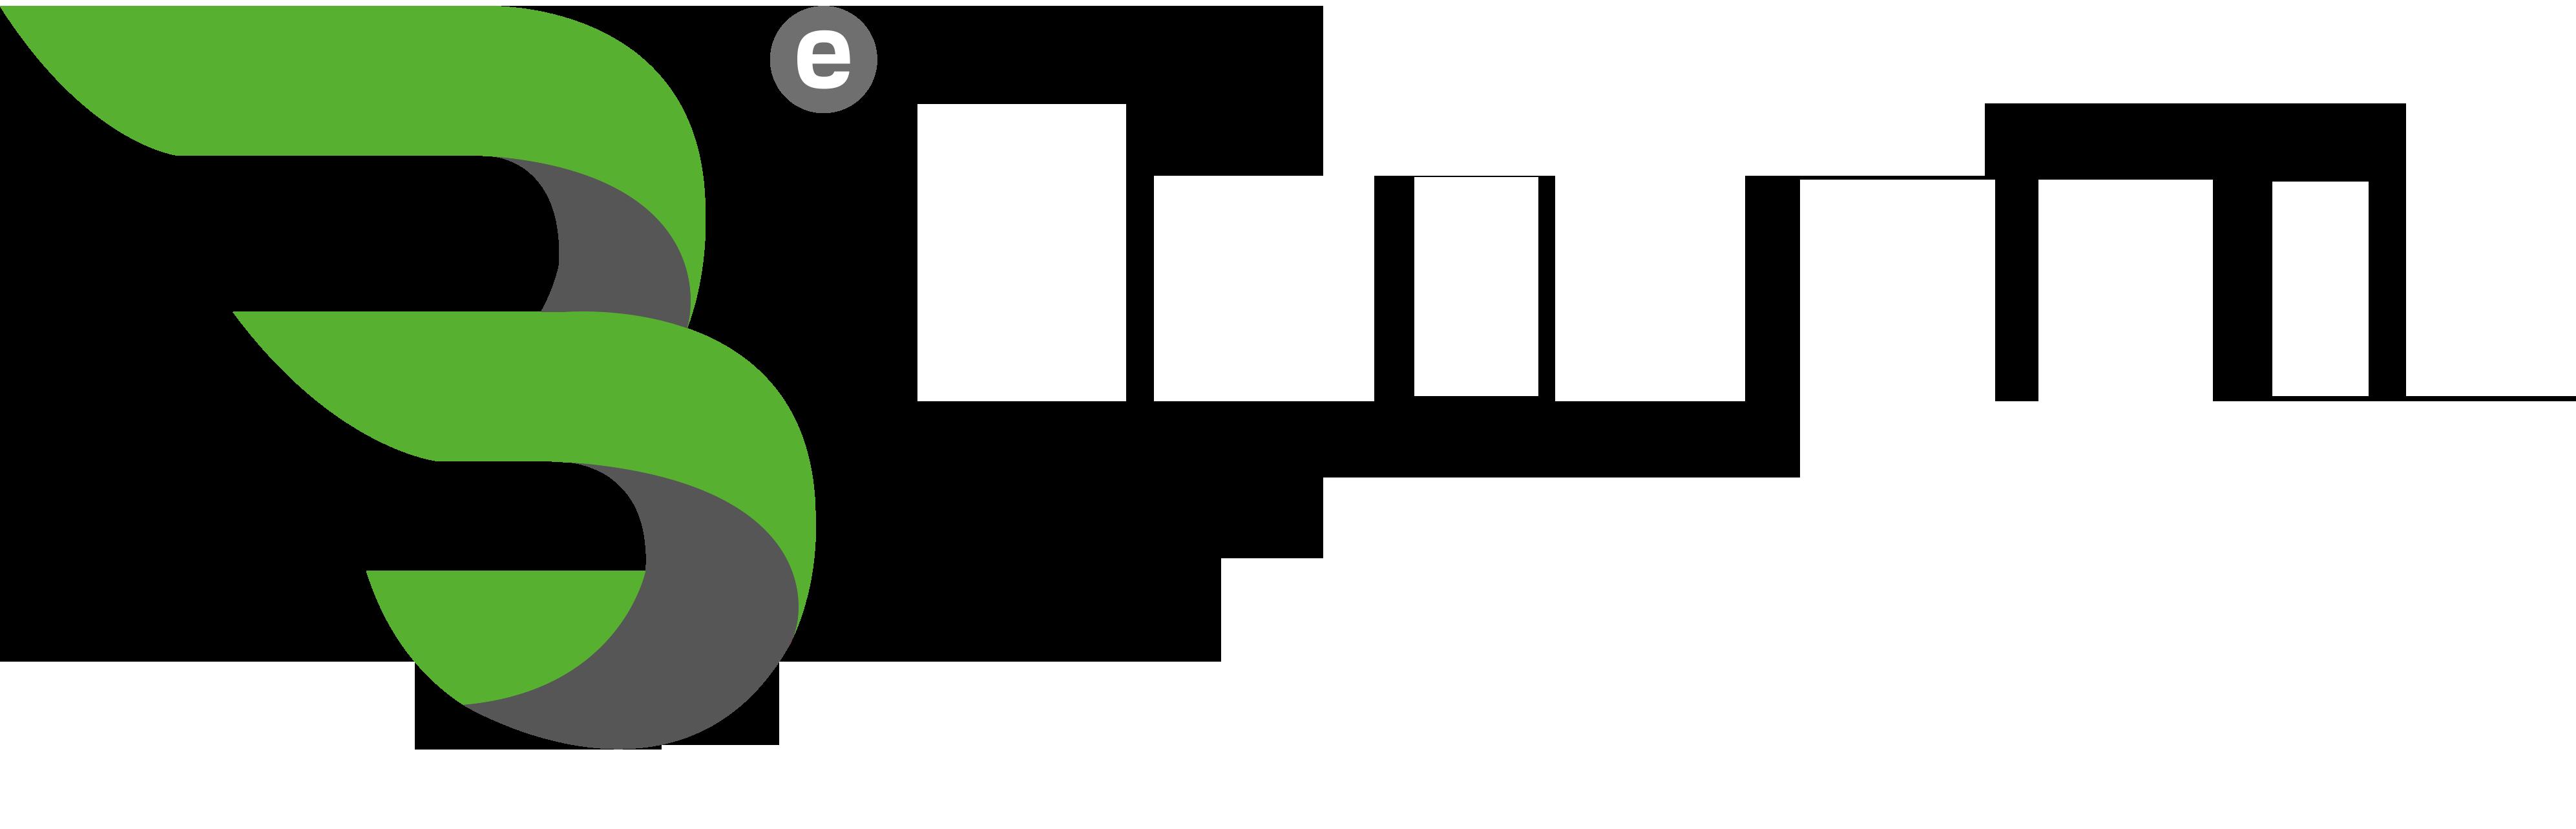 BoraPark